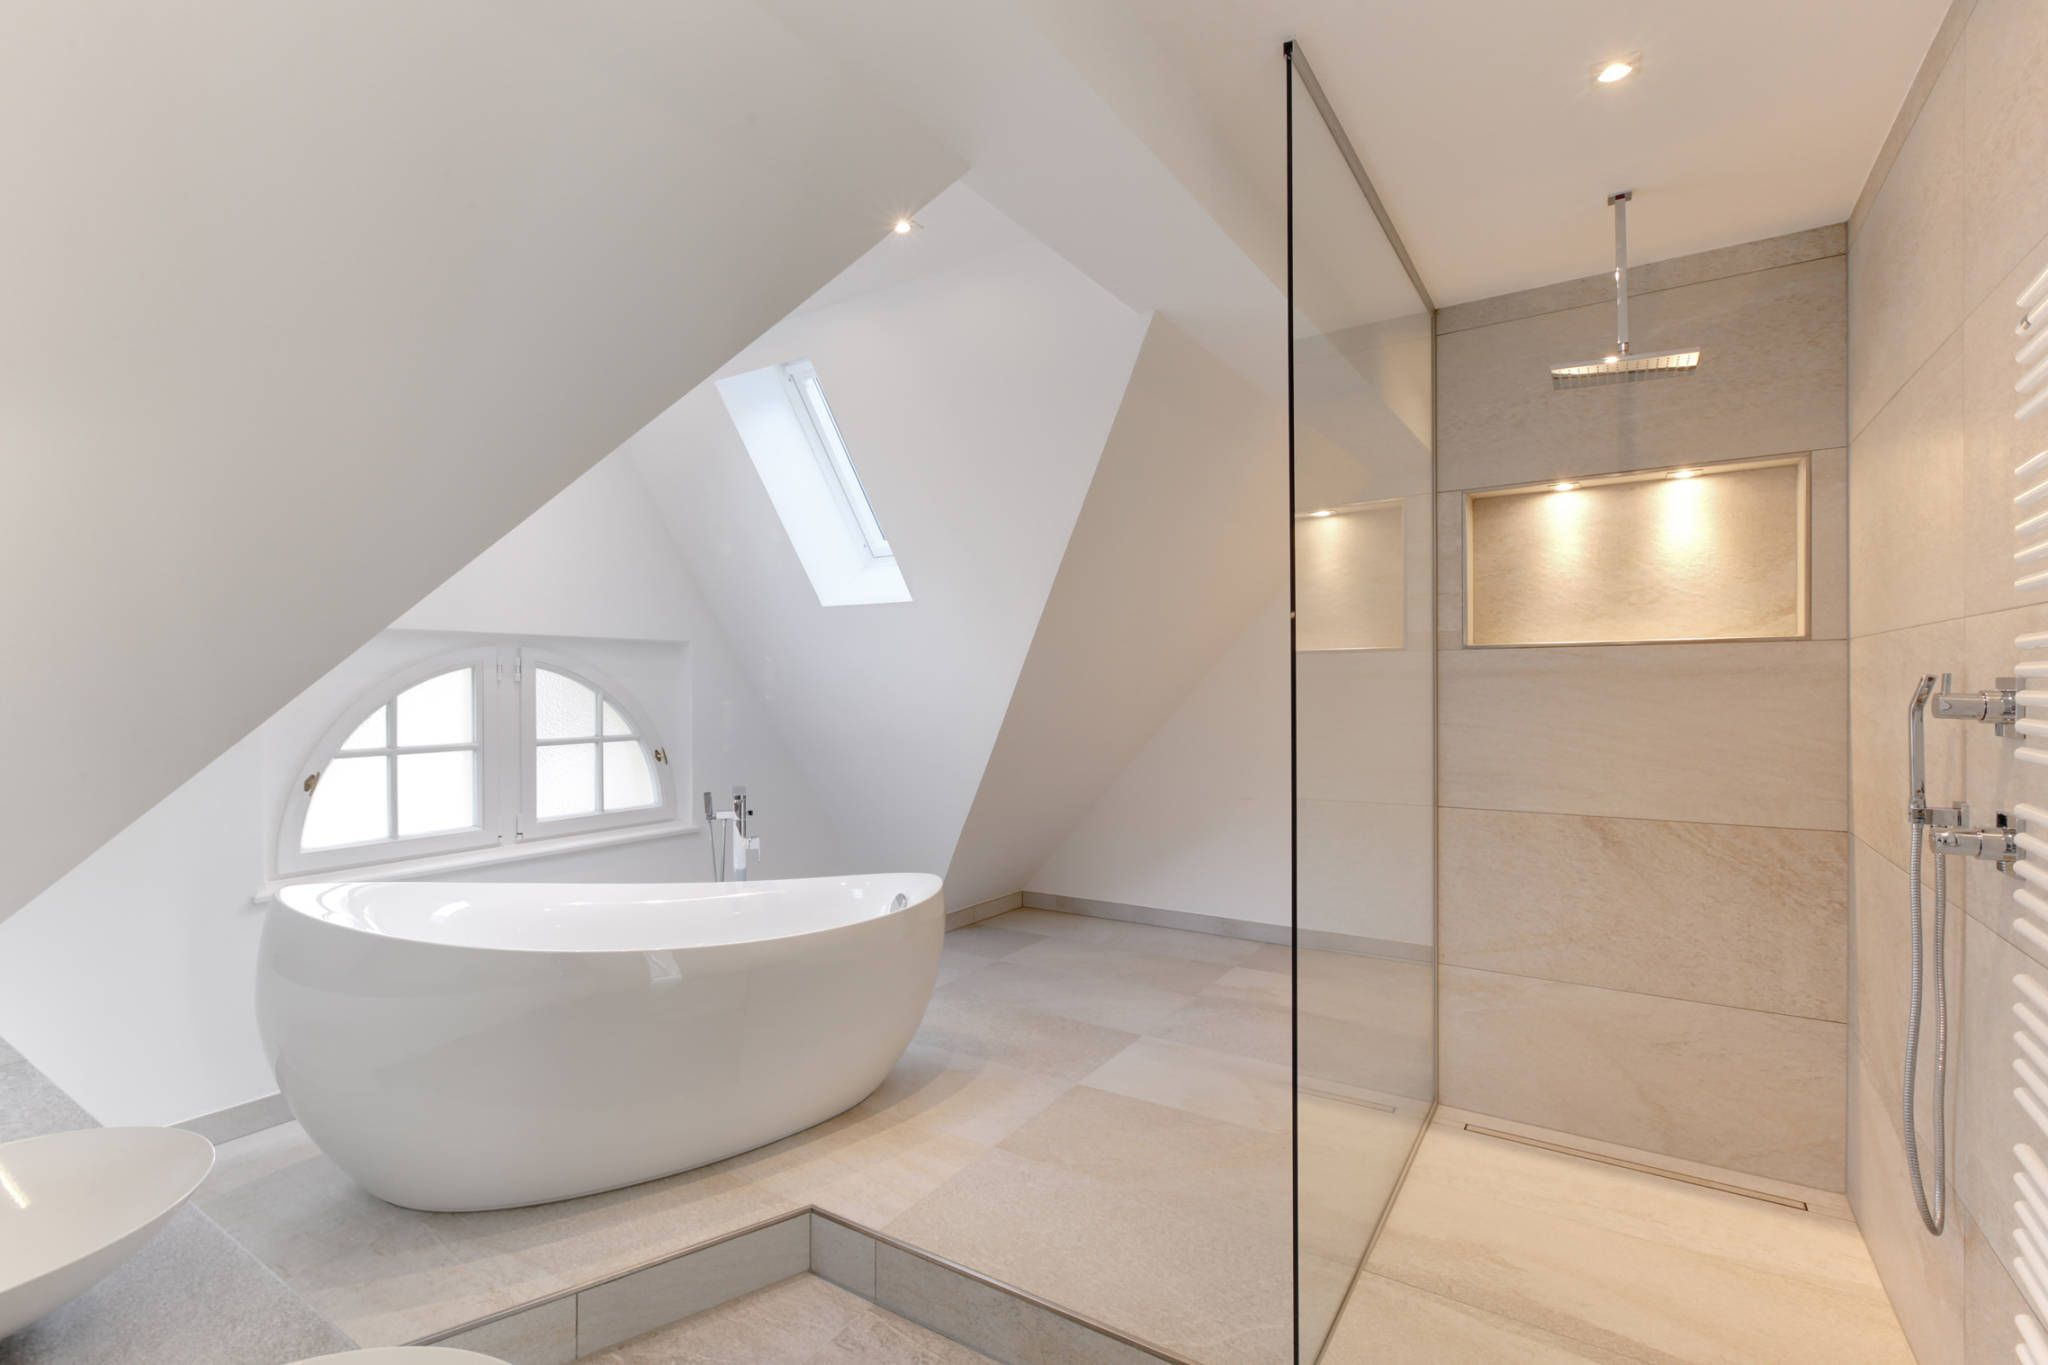 Wohnideen interior design einrichtungsideen & bilder bath